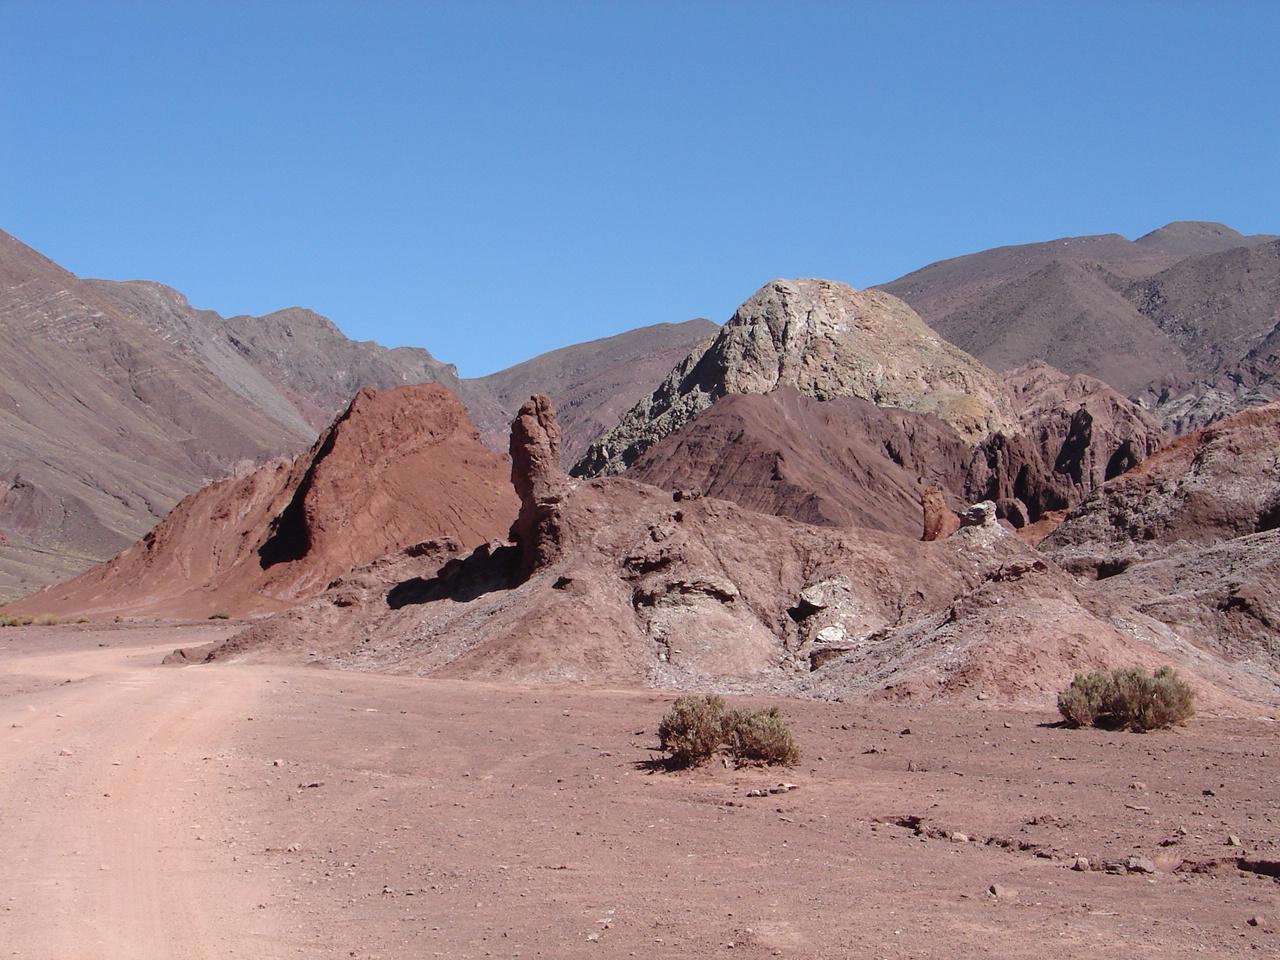 O Vale do Arco-Iris e suas formações